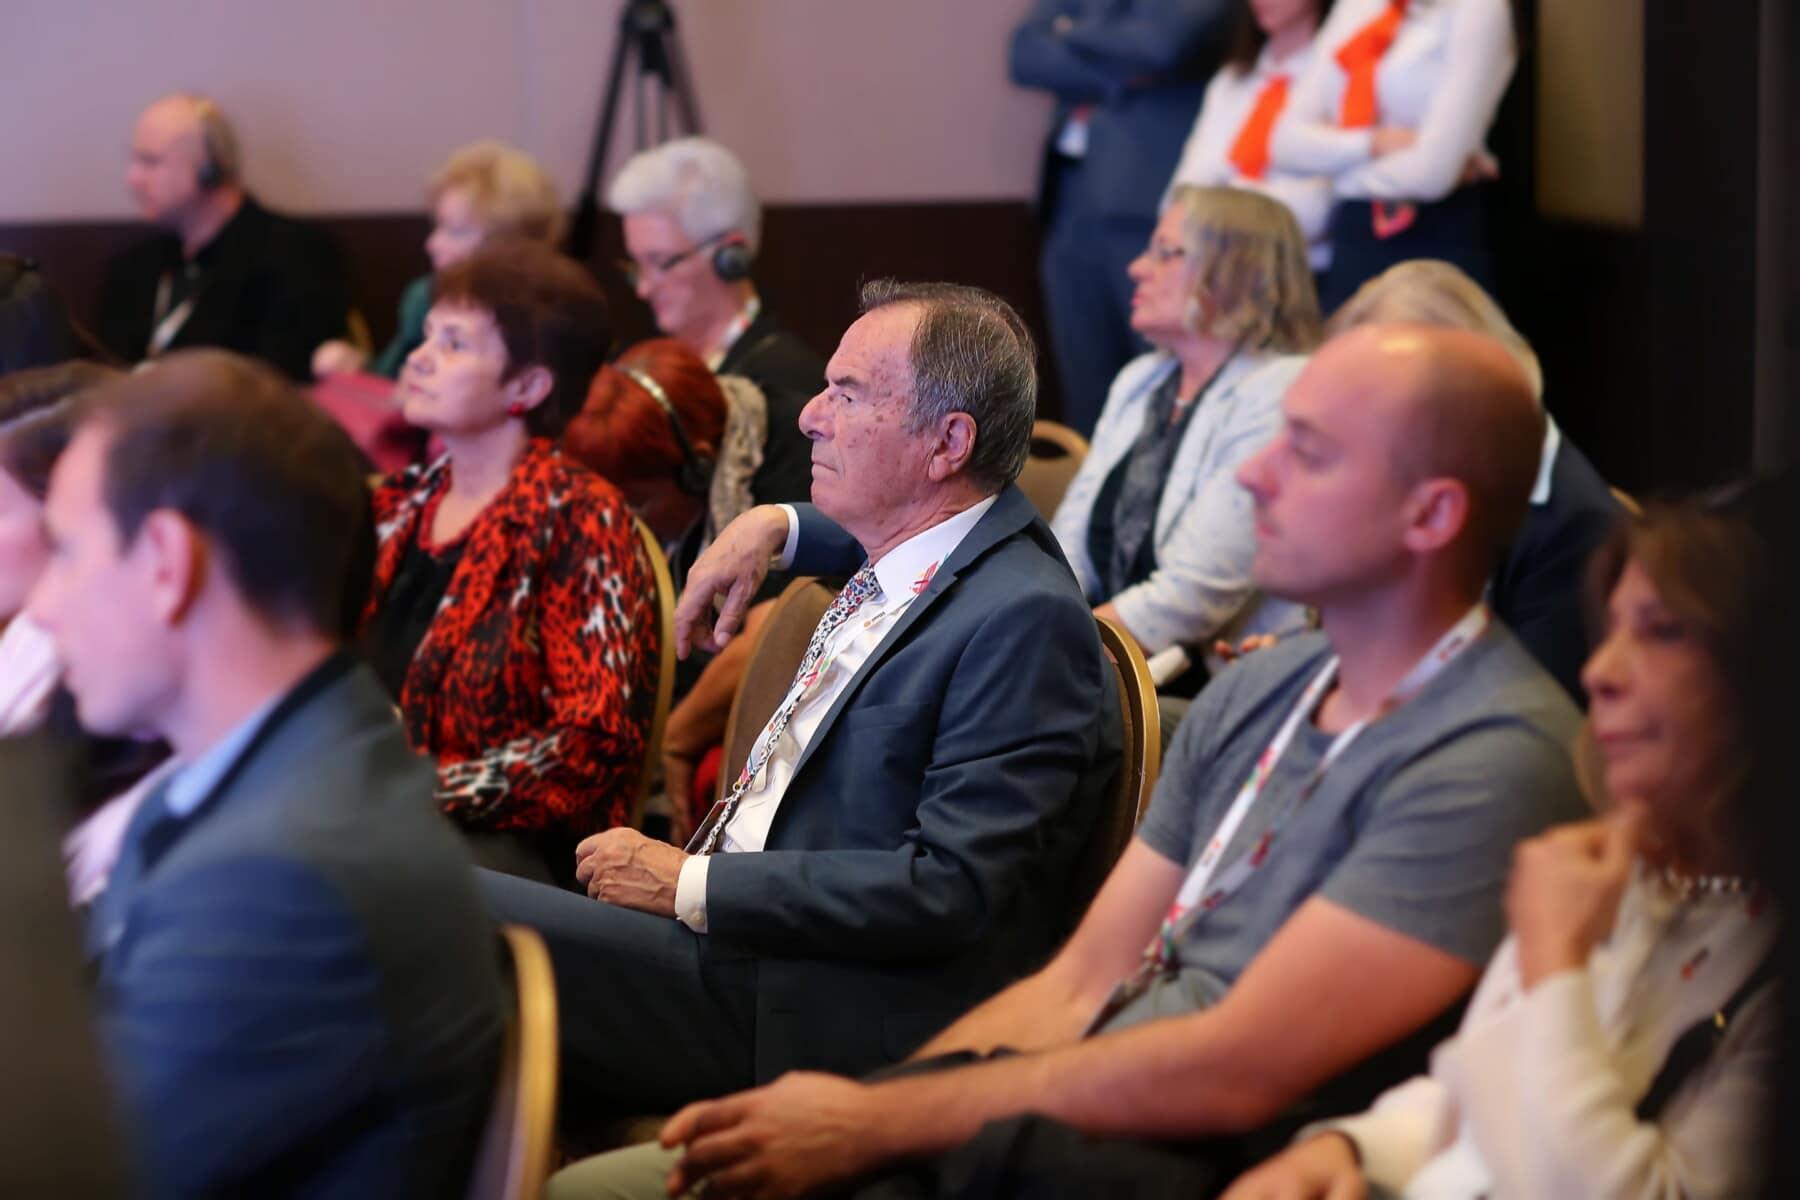 publiczność, audytorium, Konferencja, przedsiębiorca, Dyskusja, tłum, mężczyzna, biznes, biznesmen, kobieta interesu